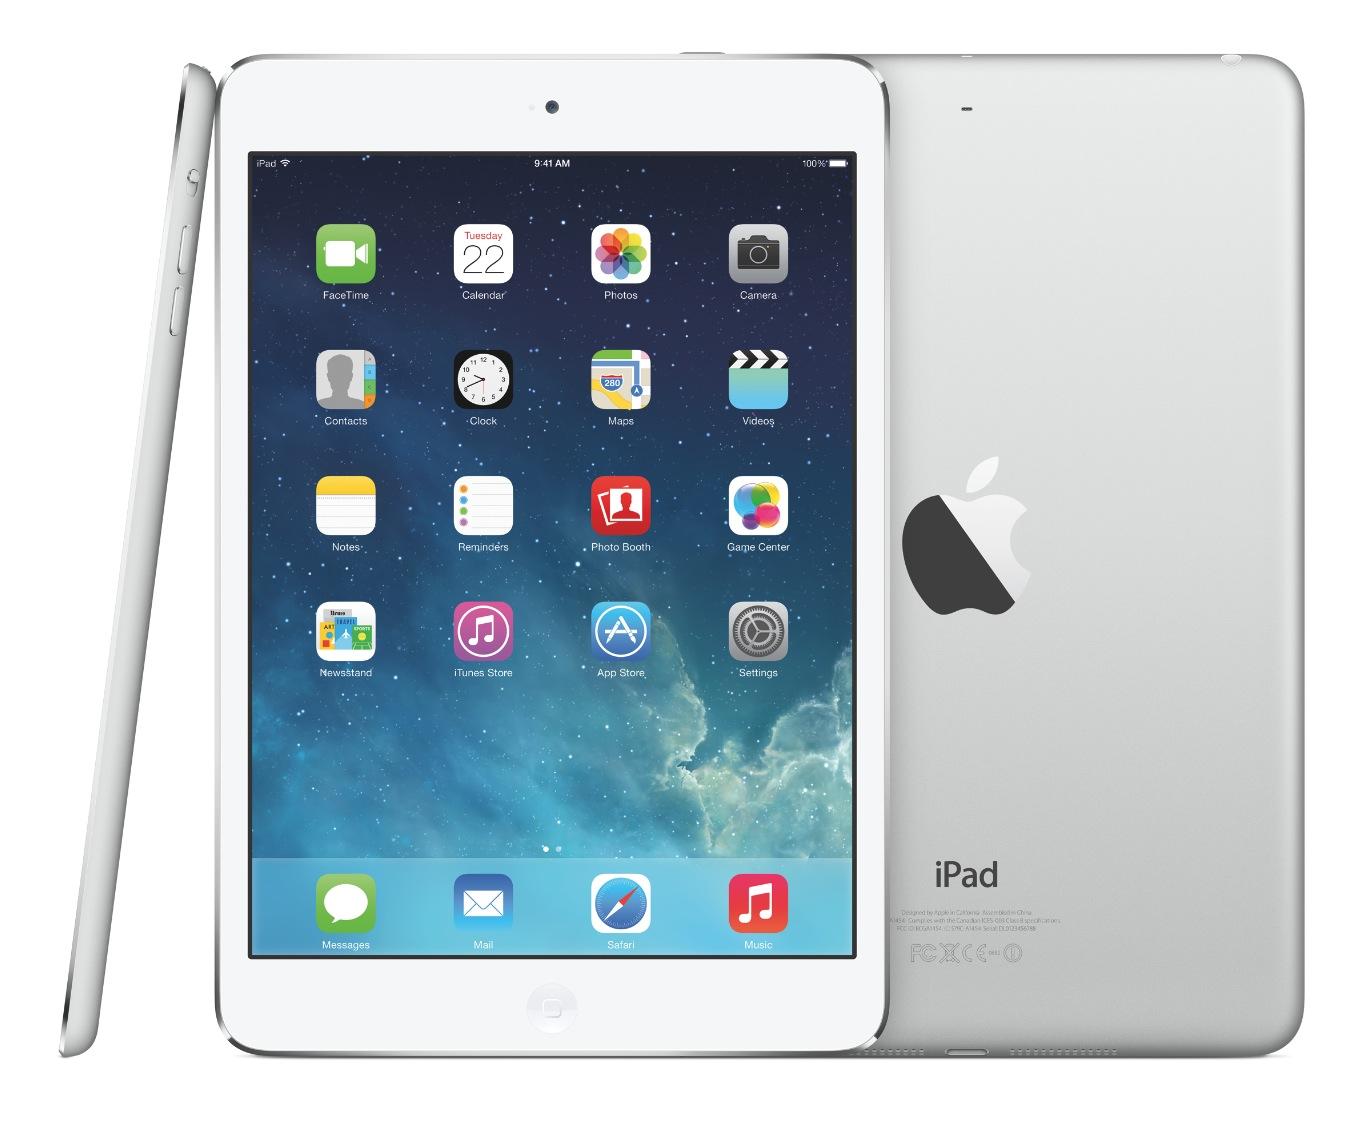 meilleur application ipad gratuite 2013